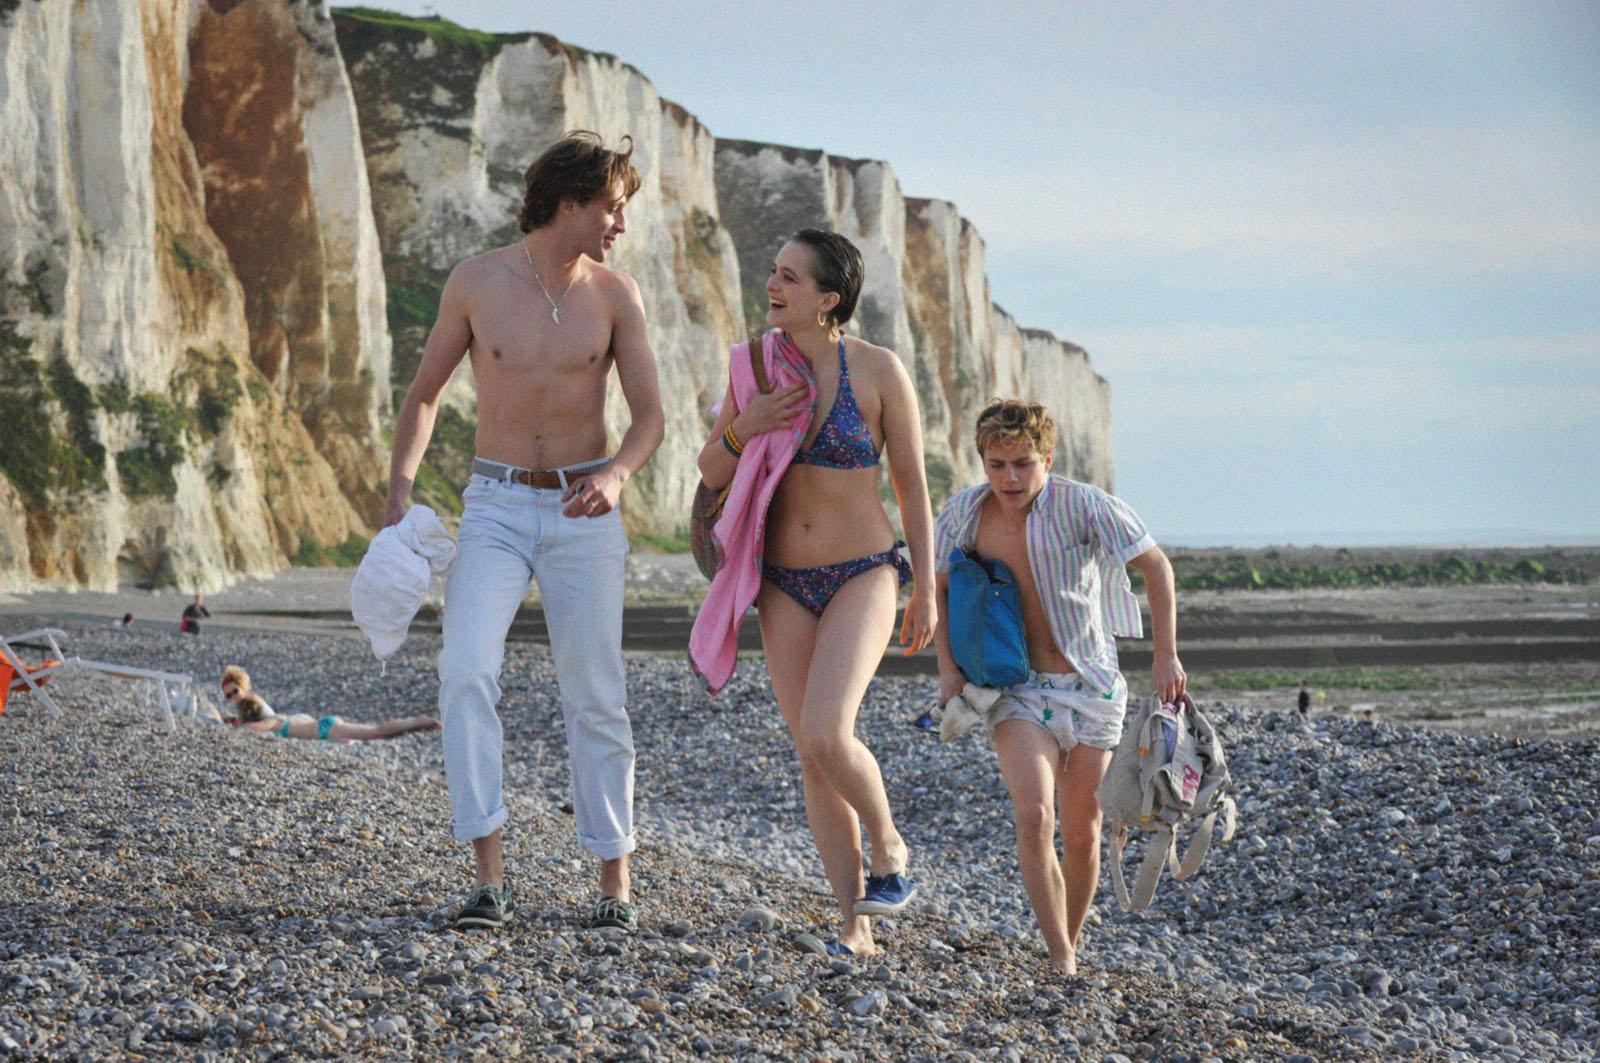 Verano del 85, escrita y dirigida por François Ozon